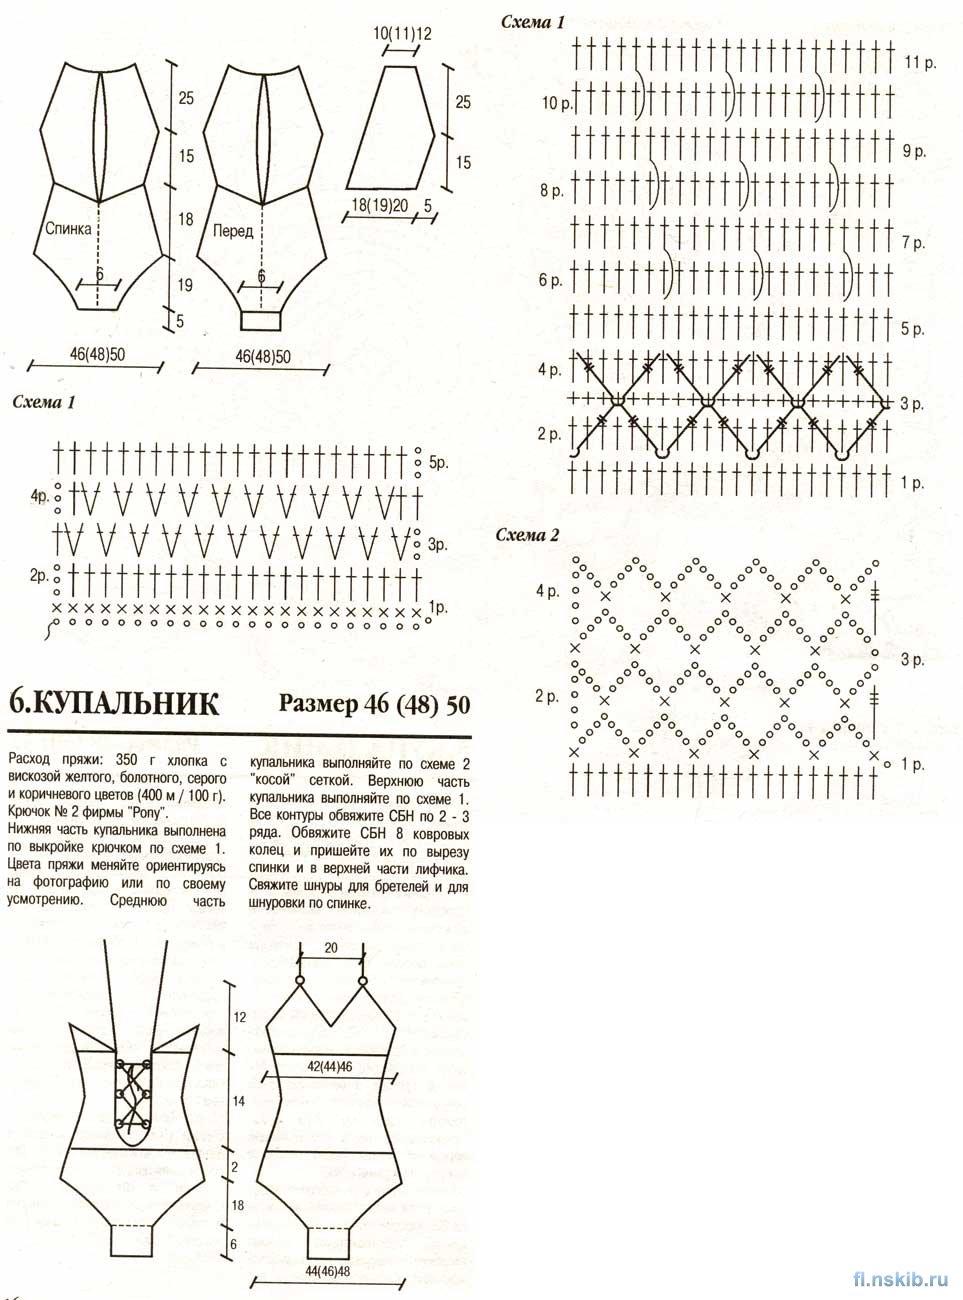 Цельный купальник крючком схема и описание